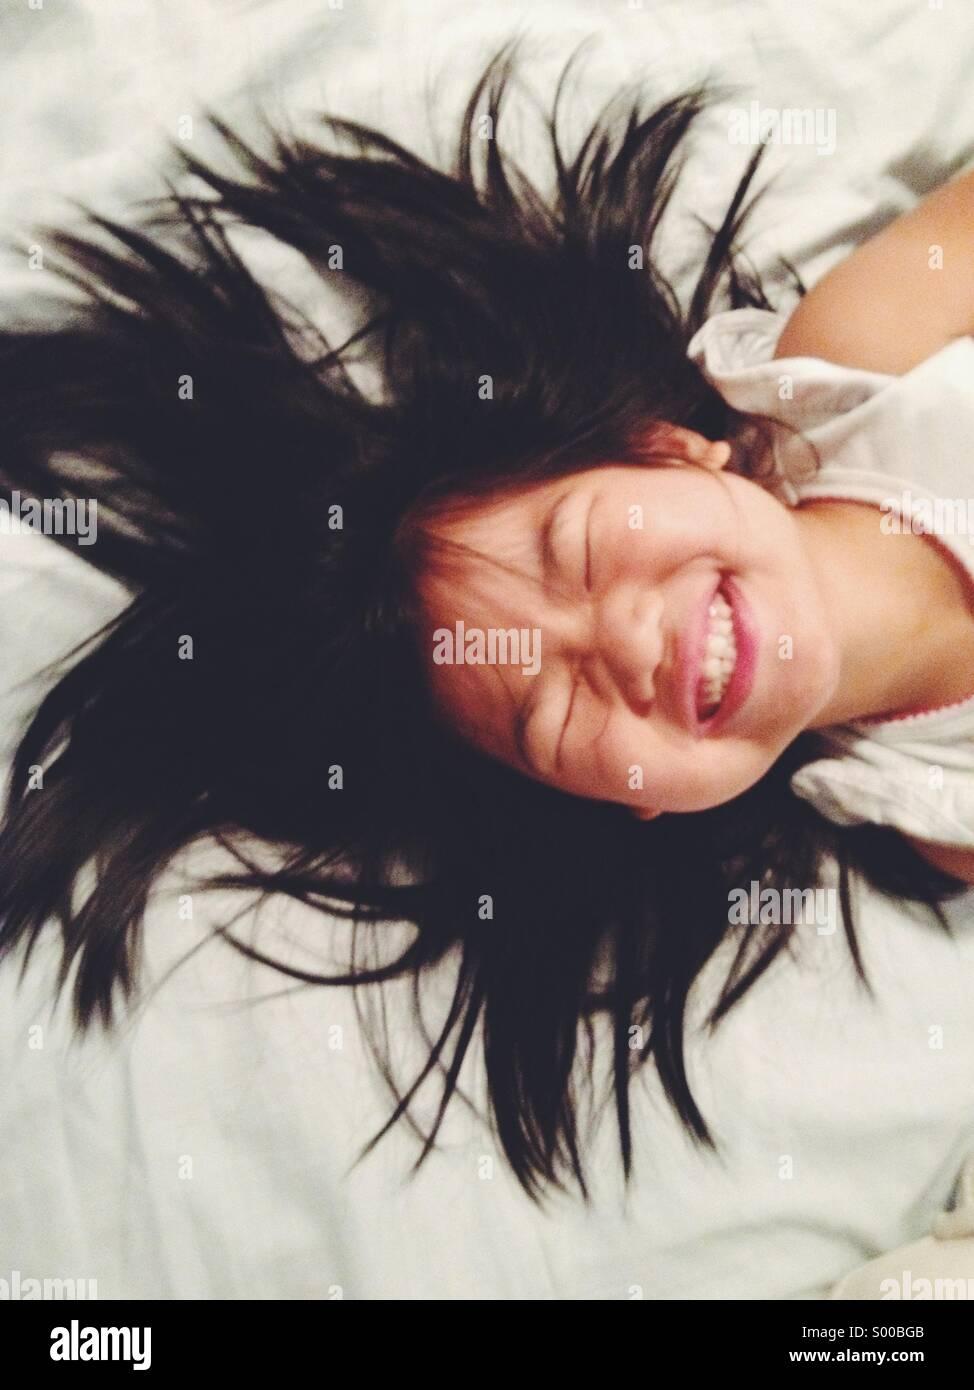 Junges Mädchen Bett lächelnd Handauflegen Stockfoto